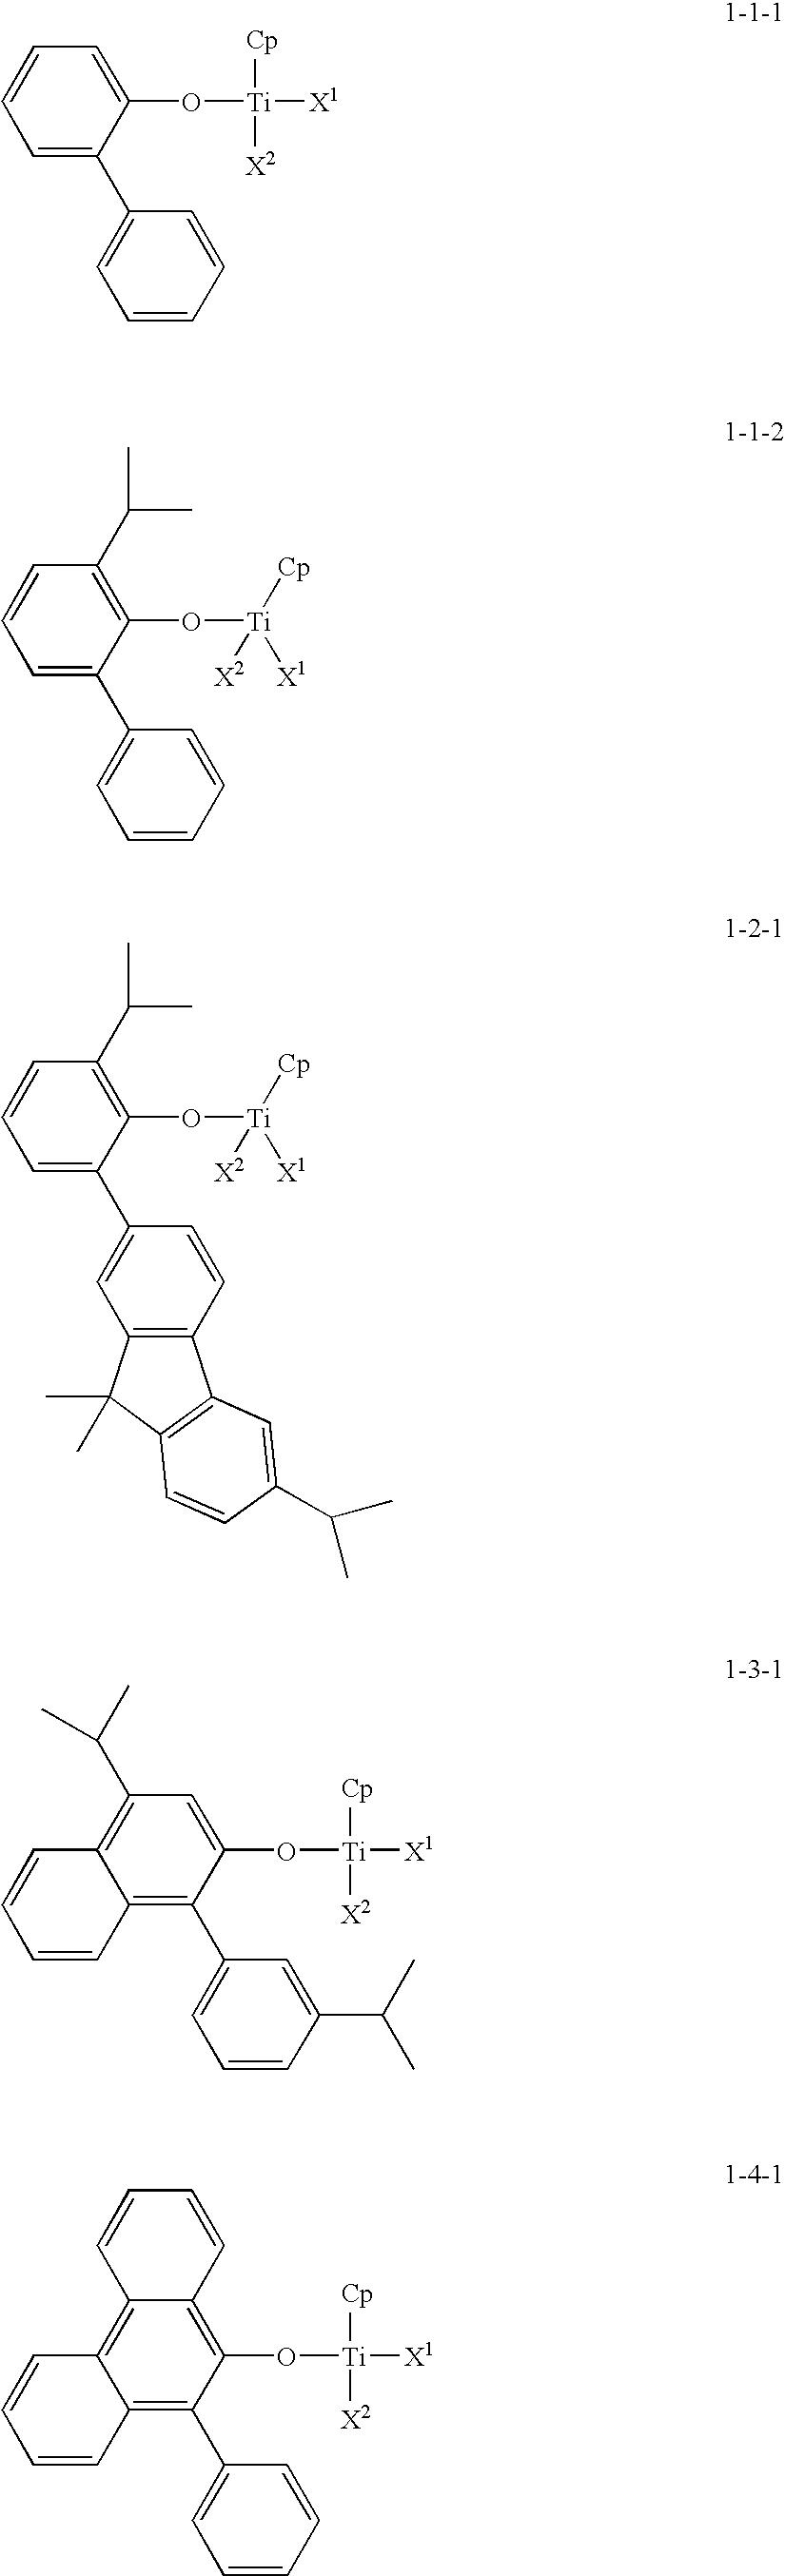 Figure US20100120981A1-20100513-C00019